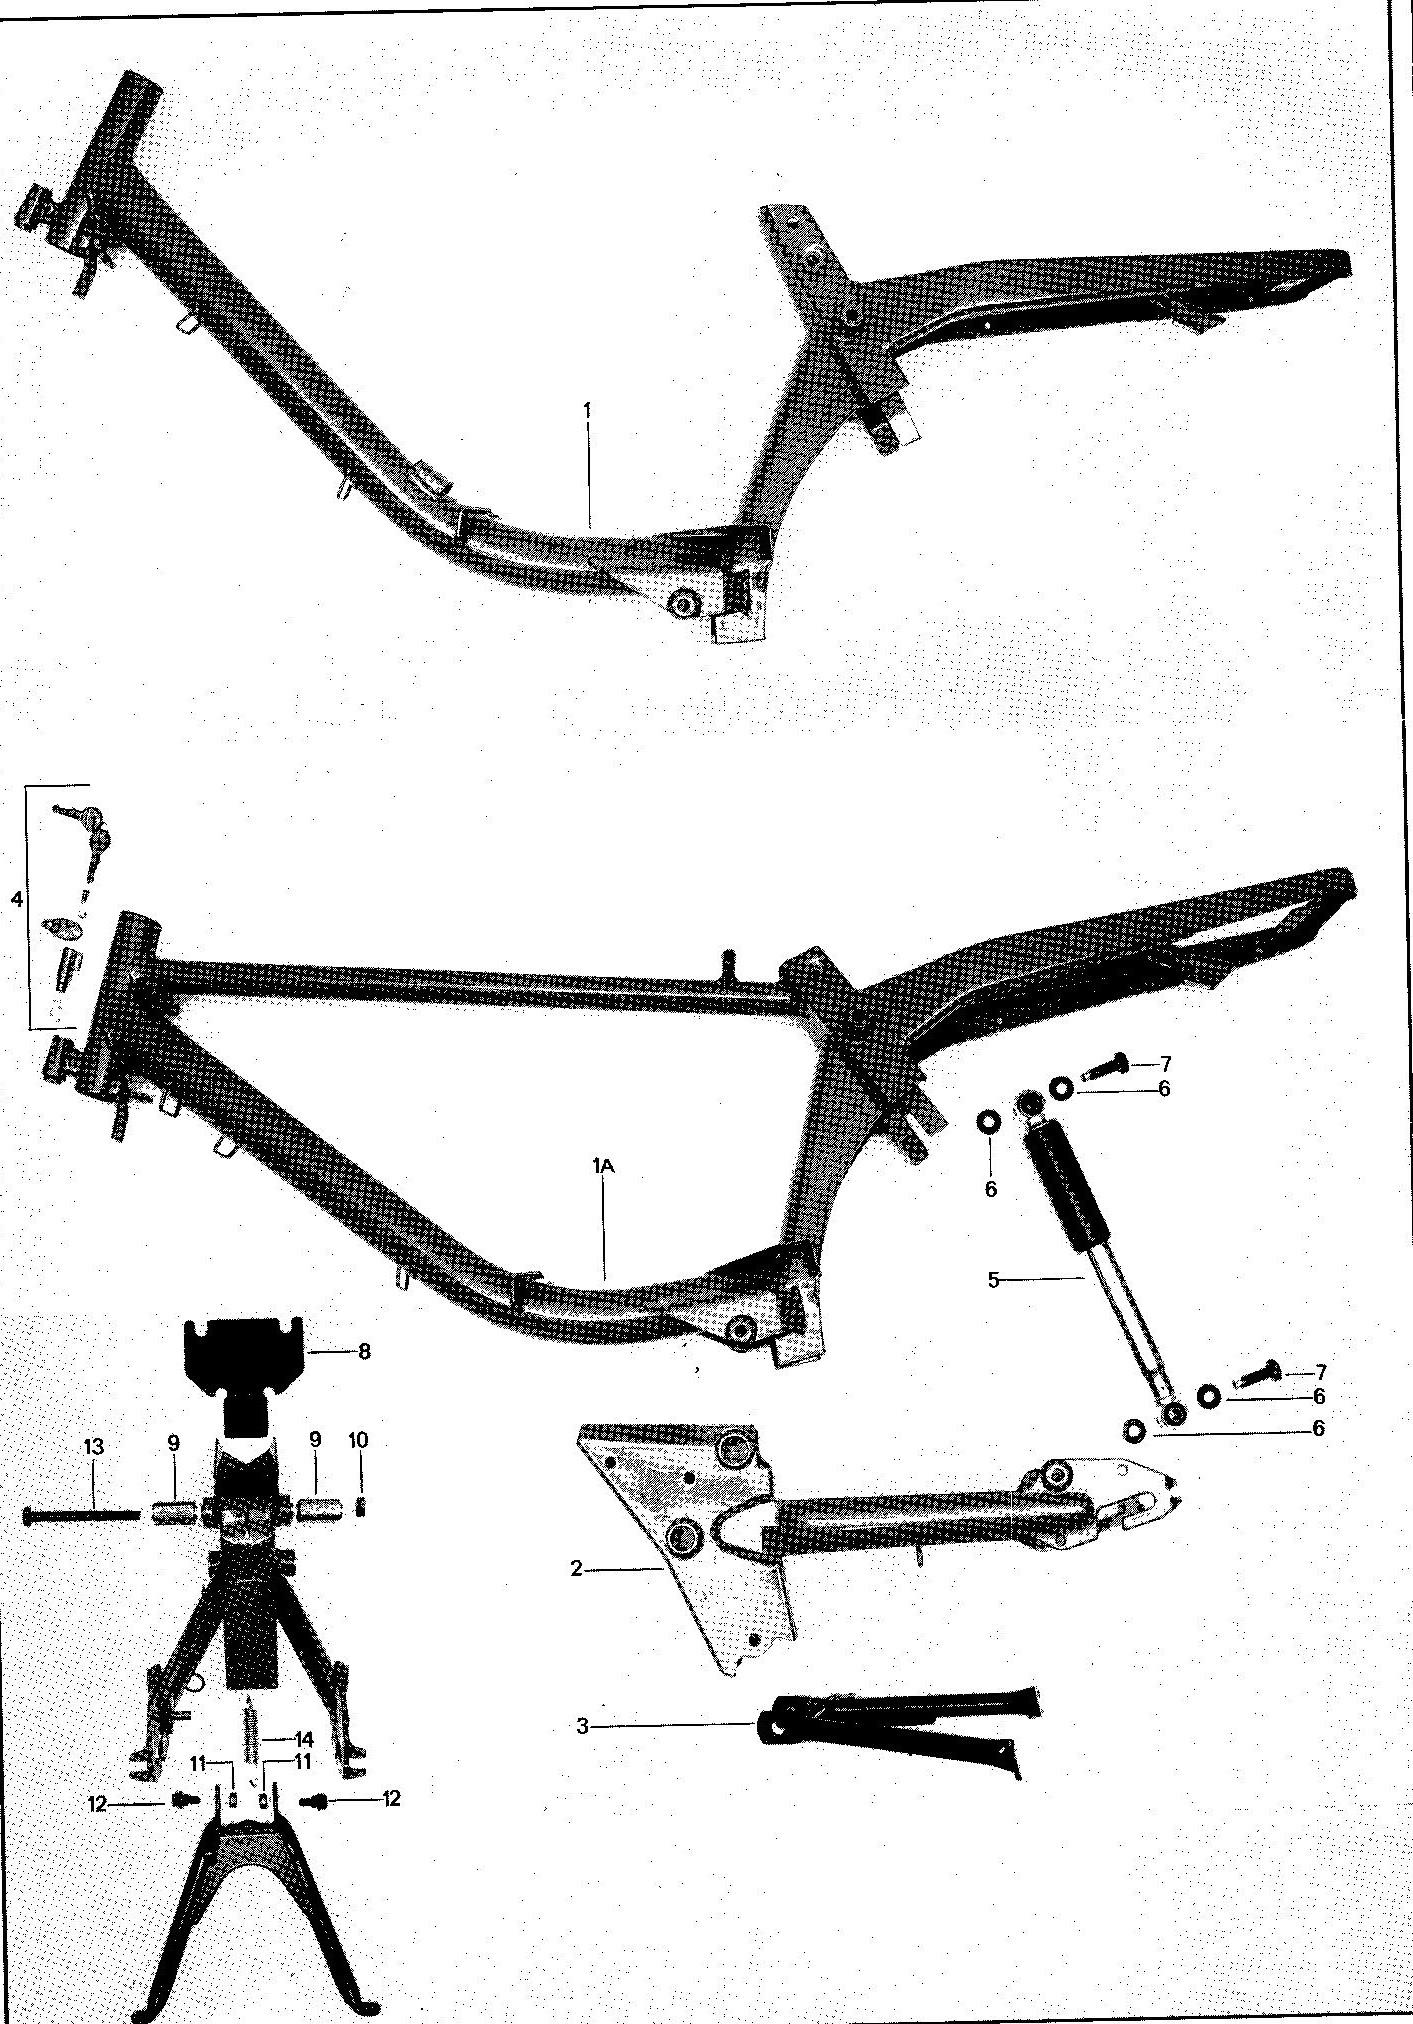 Batavus M48 Body Parts 4 Subcategories